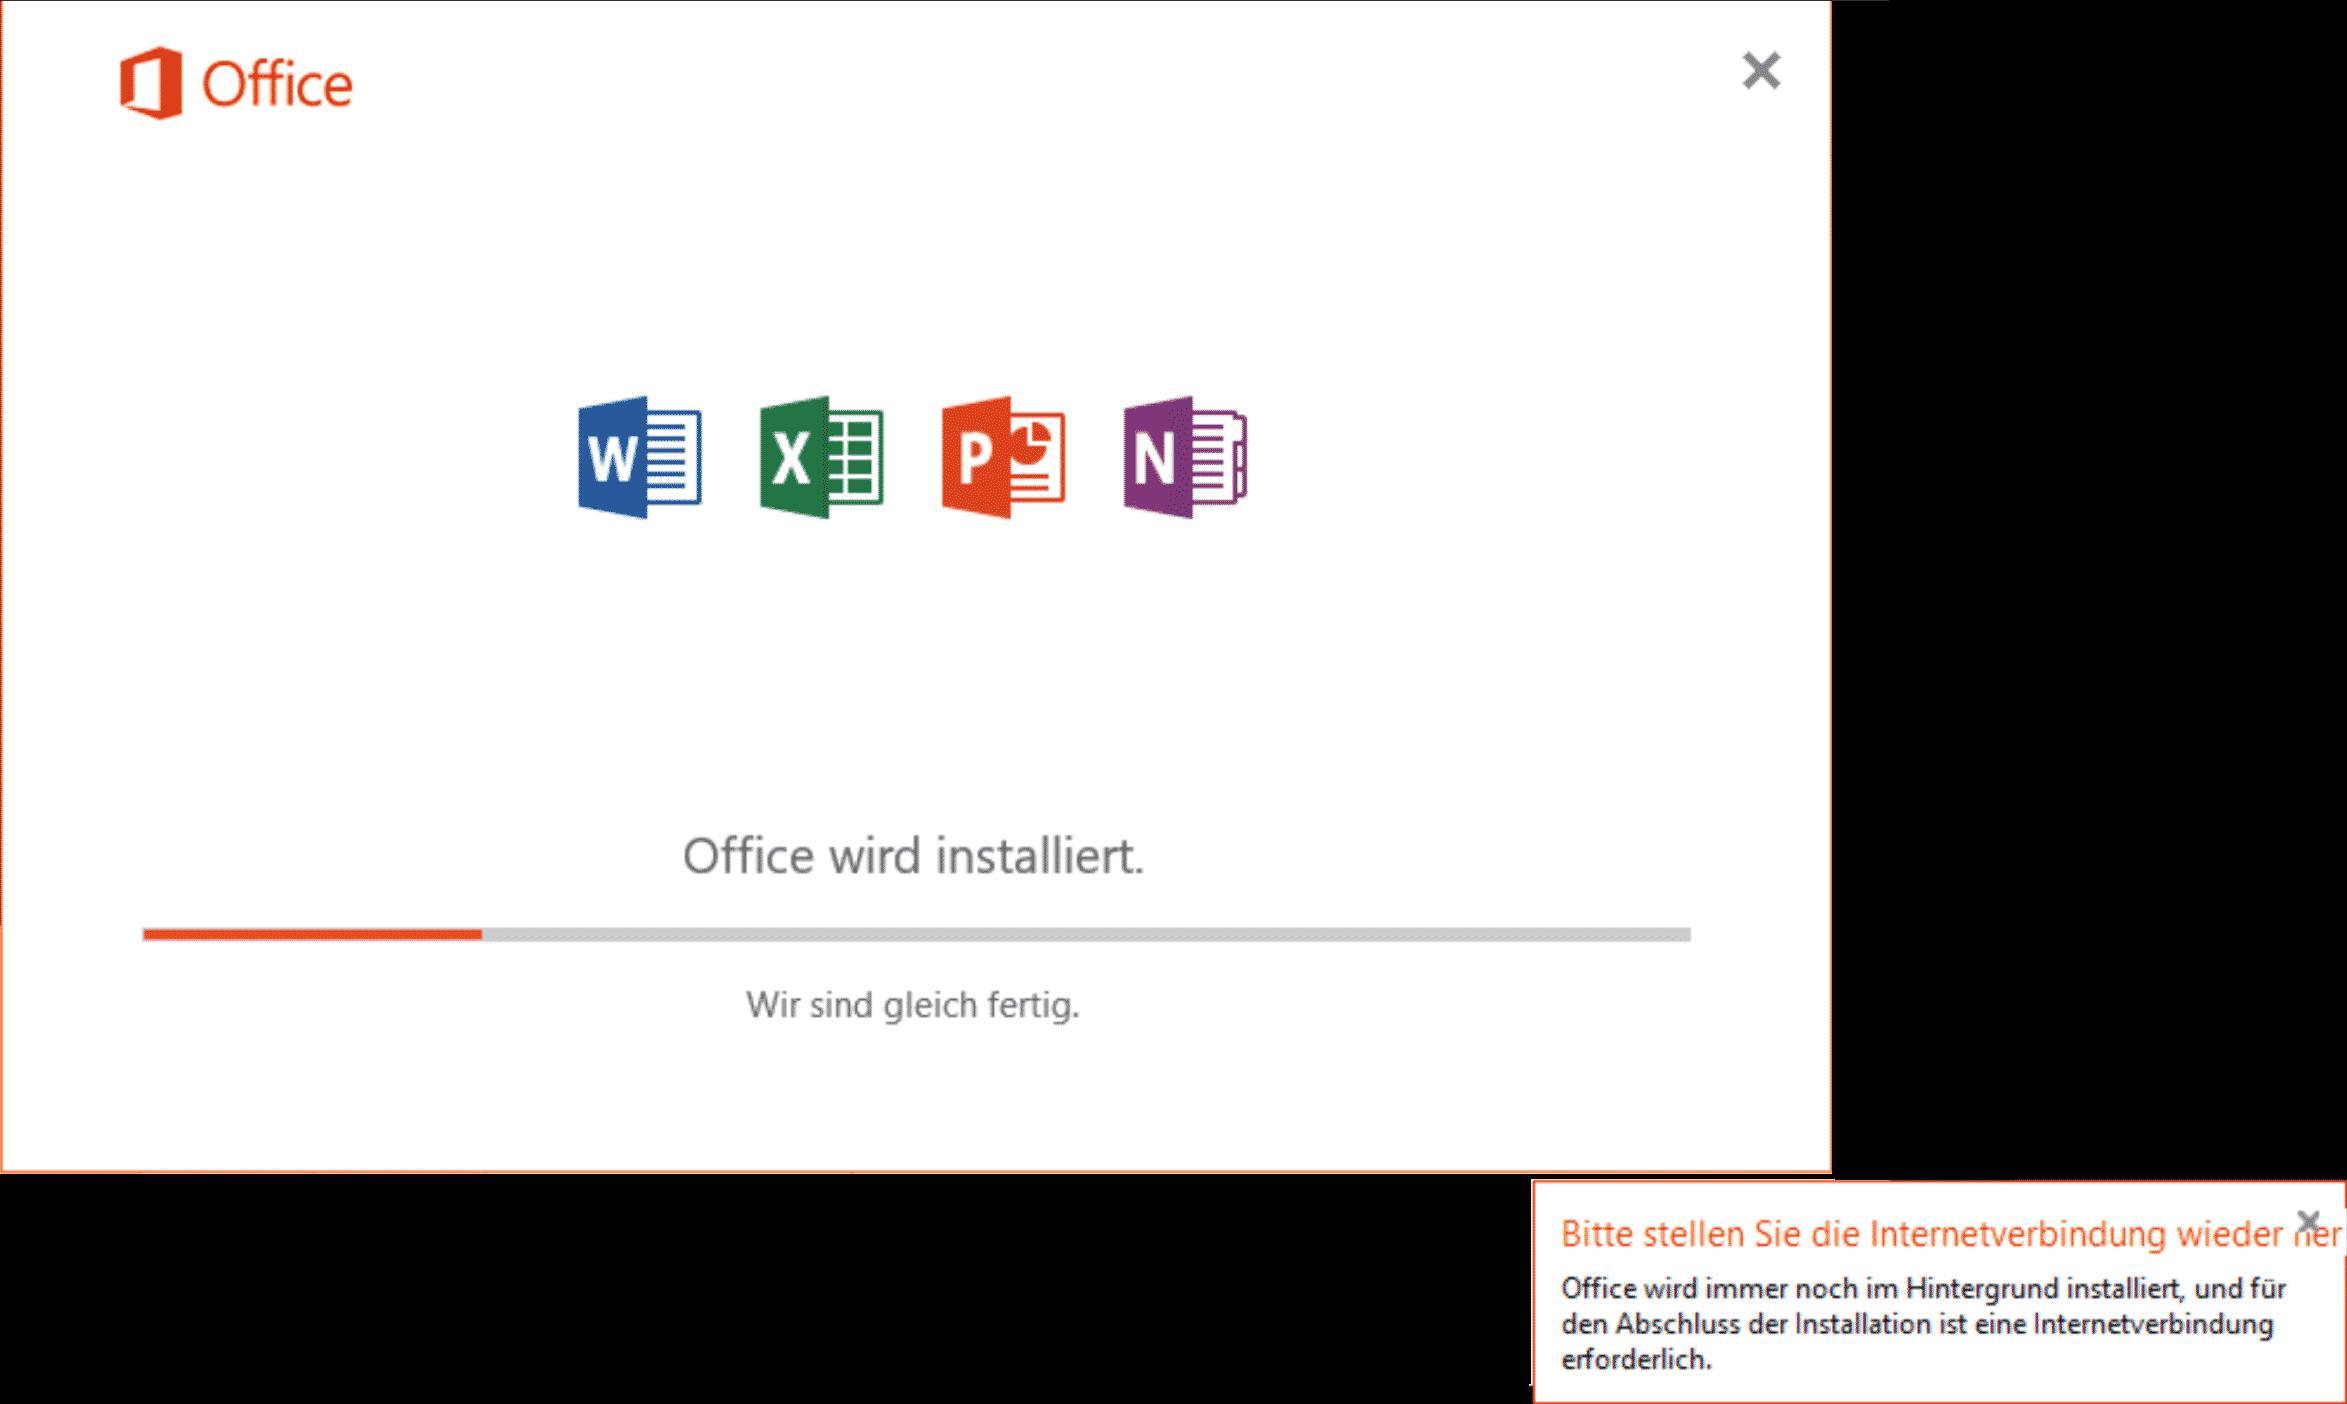 office-wird-installiert-bitte-stelen-sie-die-internetverbindung-wieder-her